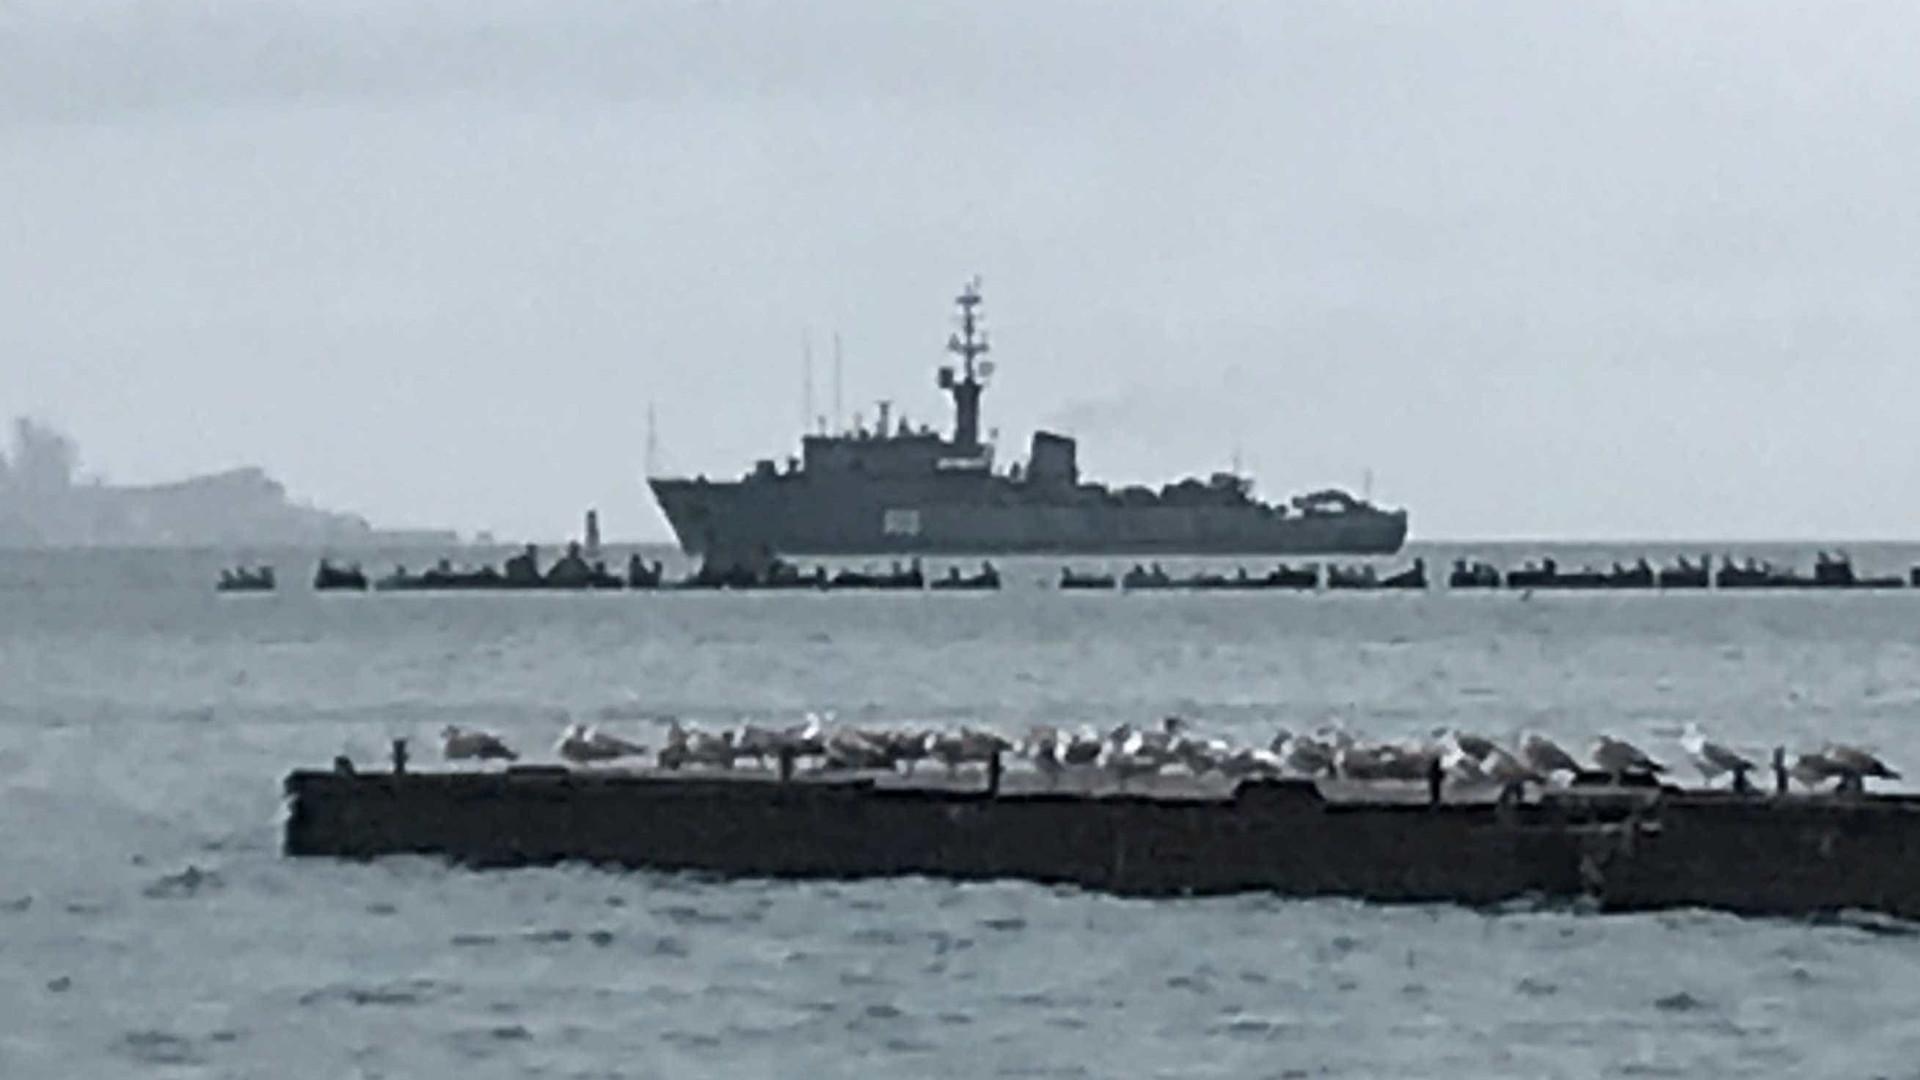 EUA enviará navio de guerra ao Mar Negro por crise na Ucrânia